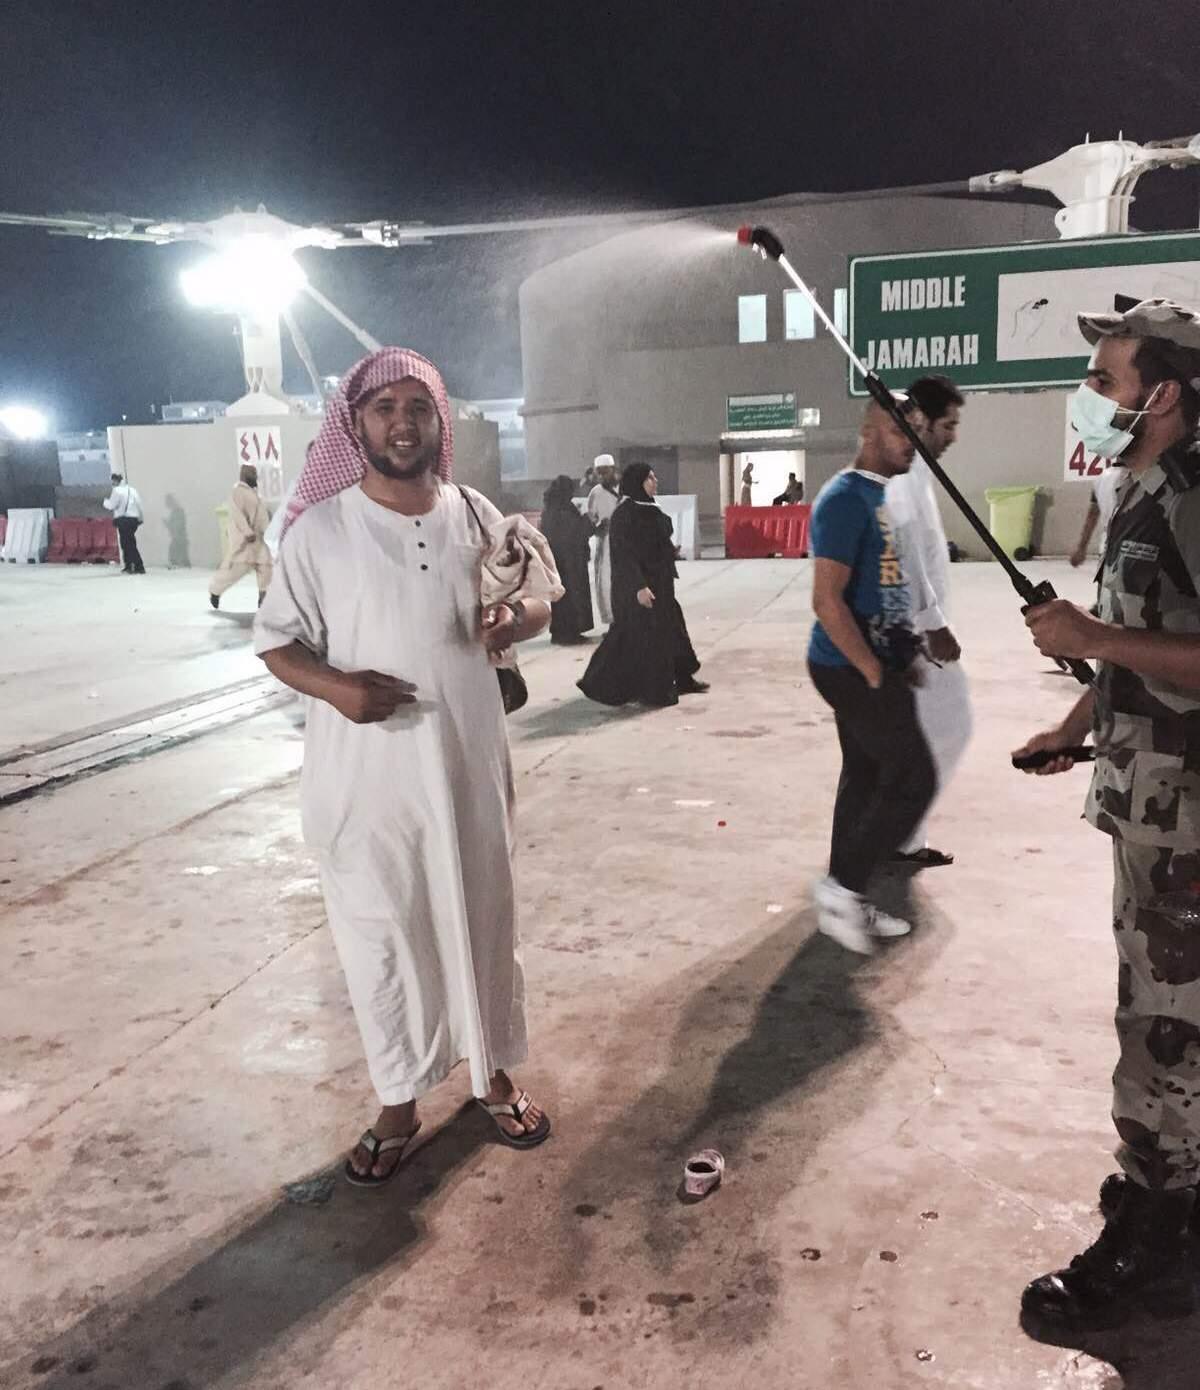 مواطن يوثق جهود رجل أمن يرش الرذاذ البارد على الحجاج بـ #منى - المواطن